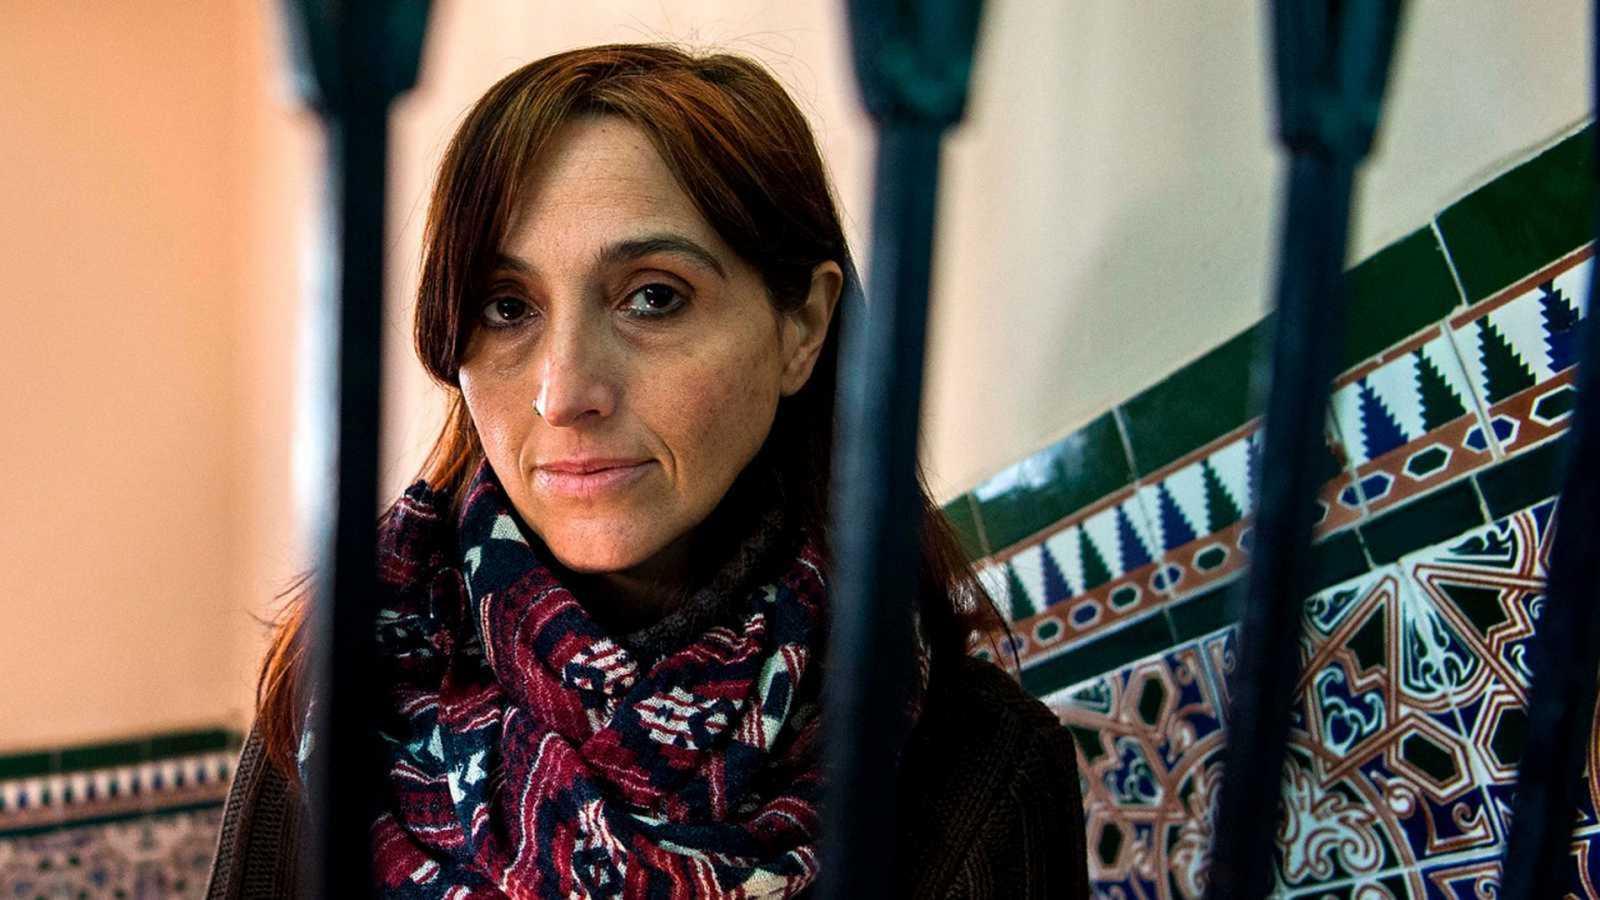 Reportajes 5 Continentes - La activista Helena Maleno, expulsada de Marruecos - Escuchar ahora